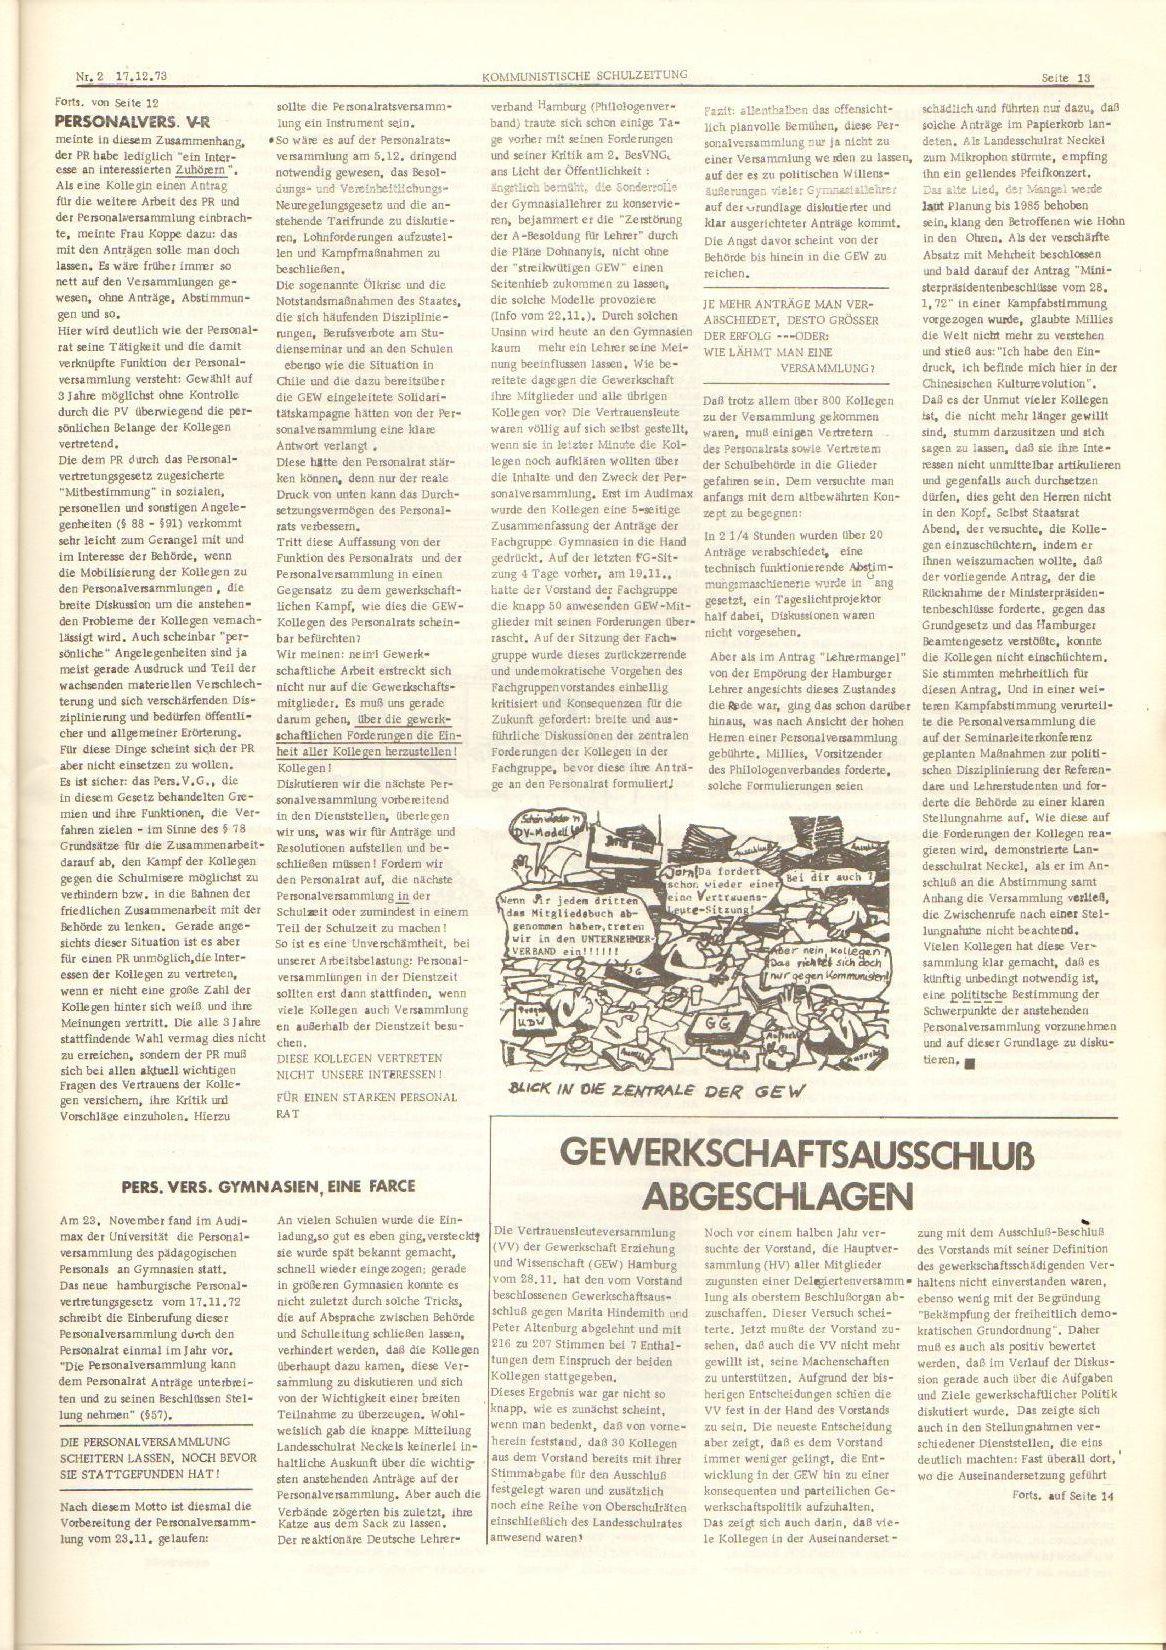 Kommunistische_Schulzeitung025